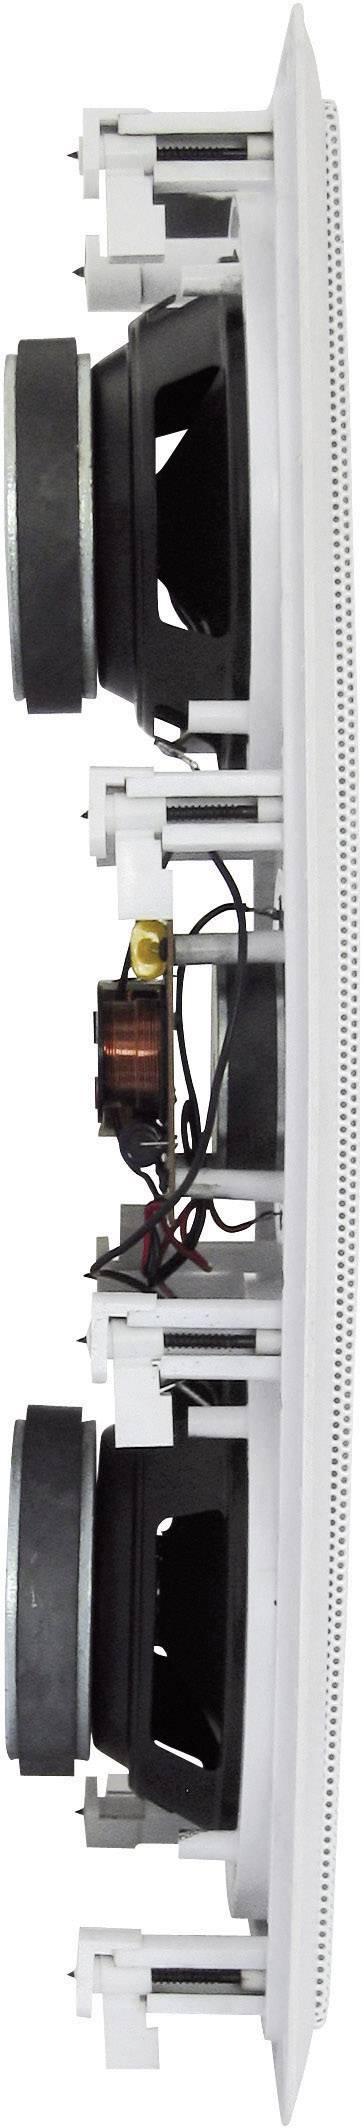 Vestavný reproduktor 2-pásmový 518 mm, 8 Ω, 70/150 W